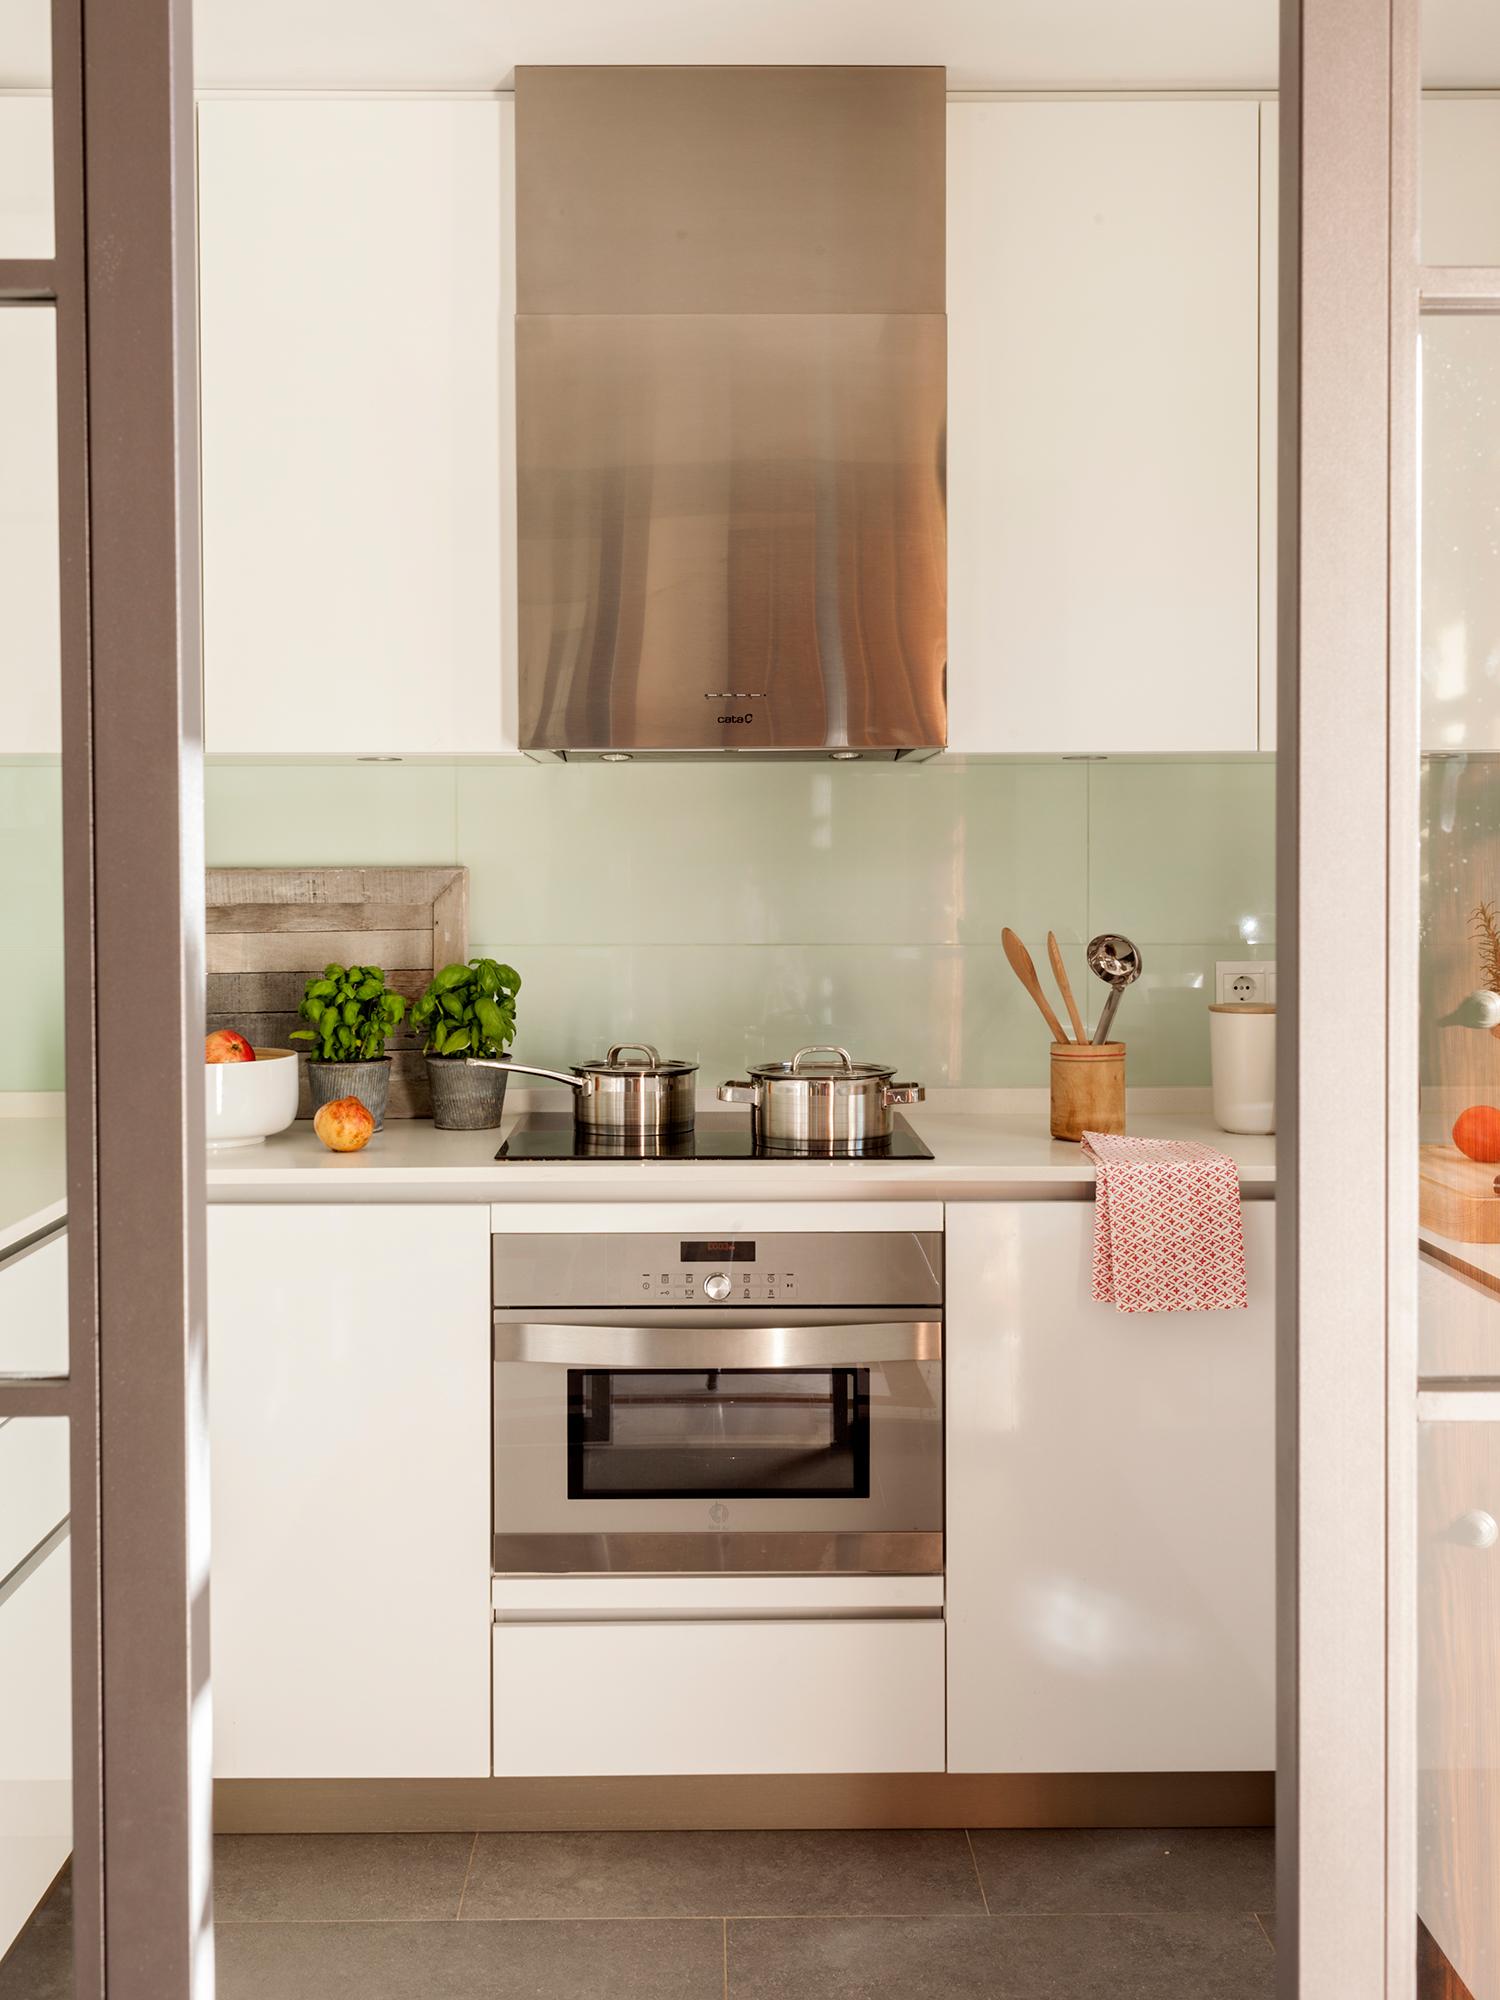 Cocinas y hornos ideas de disenos for Hornos para cocina